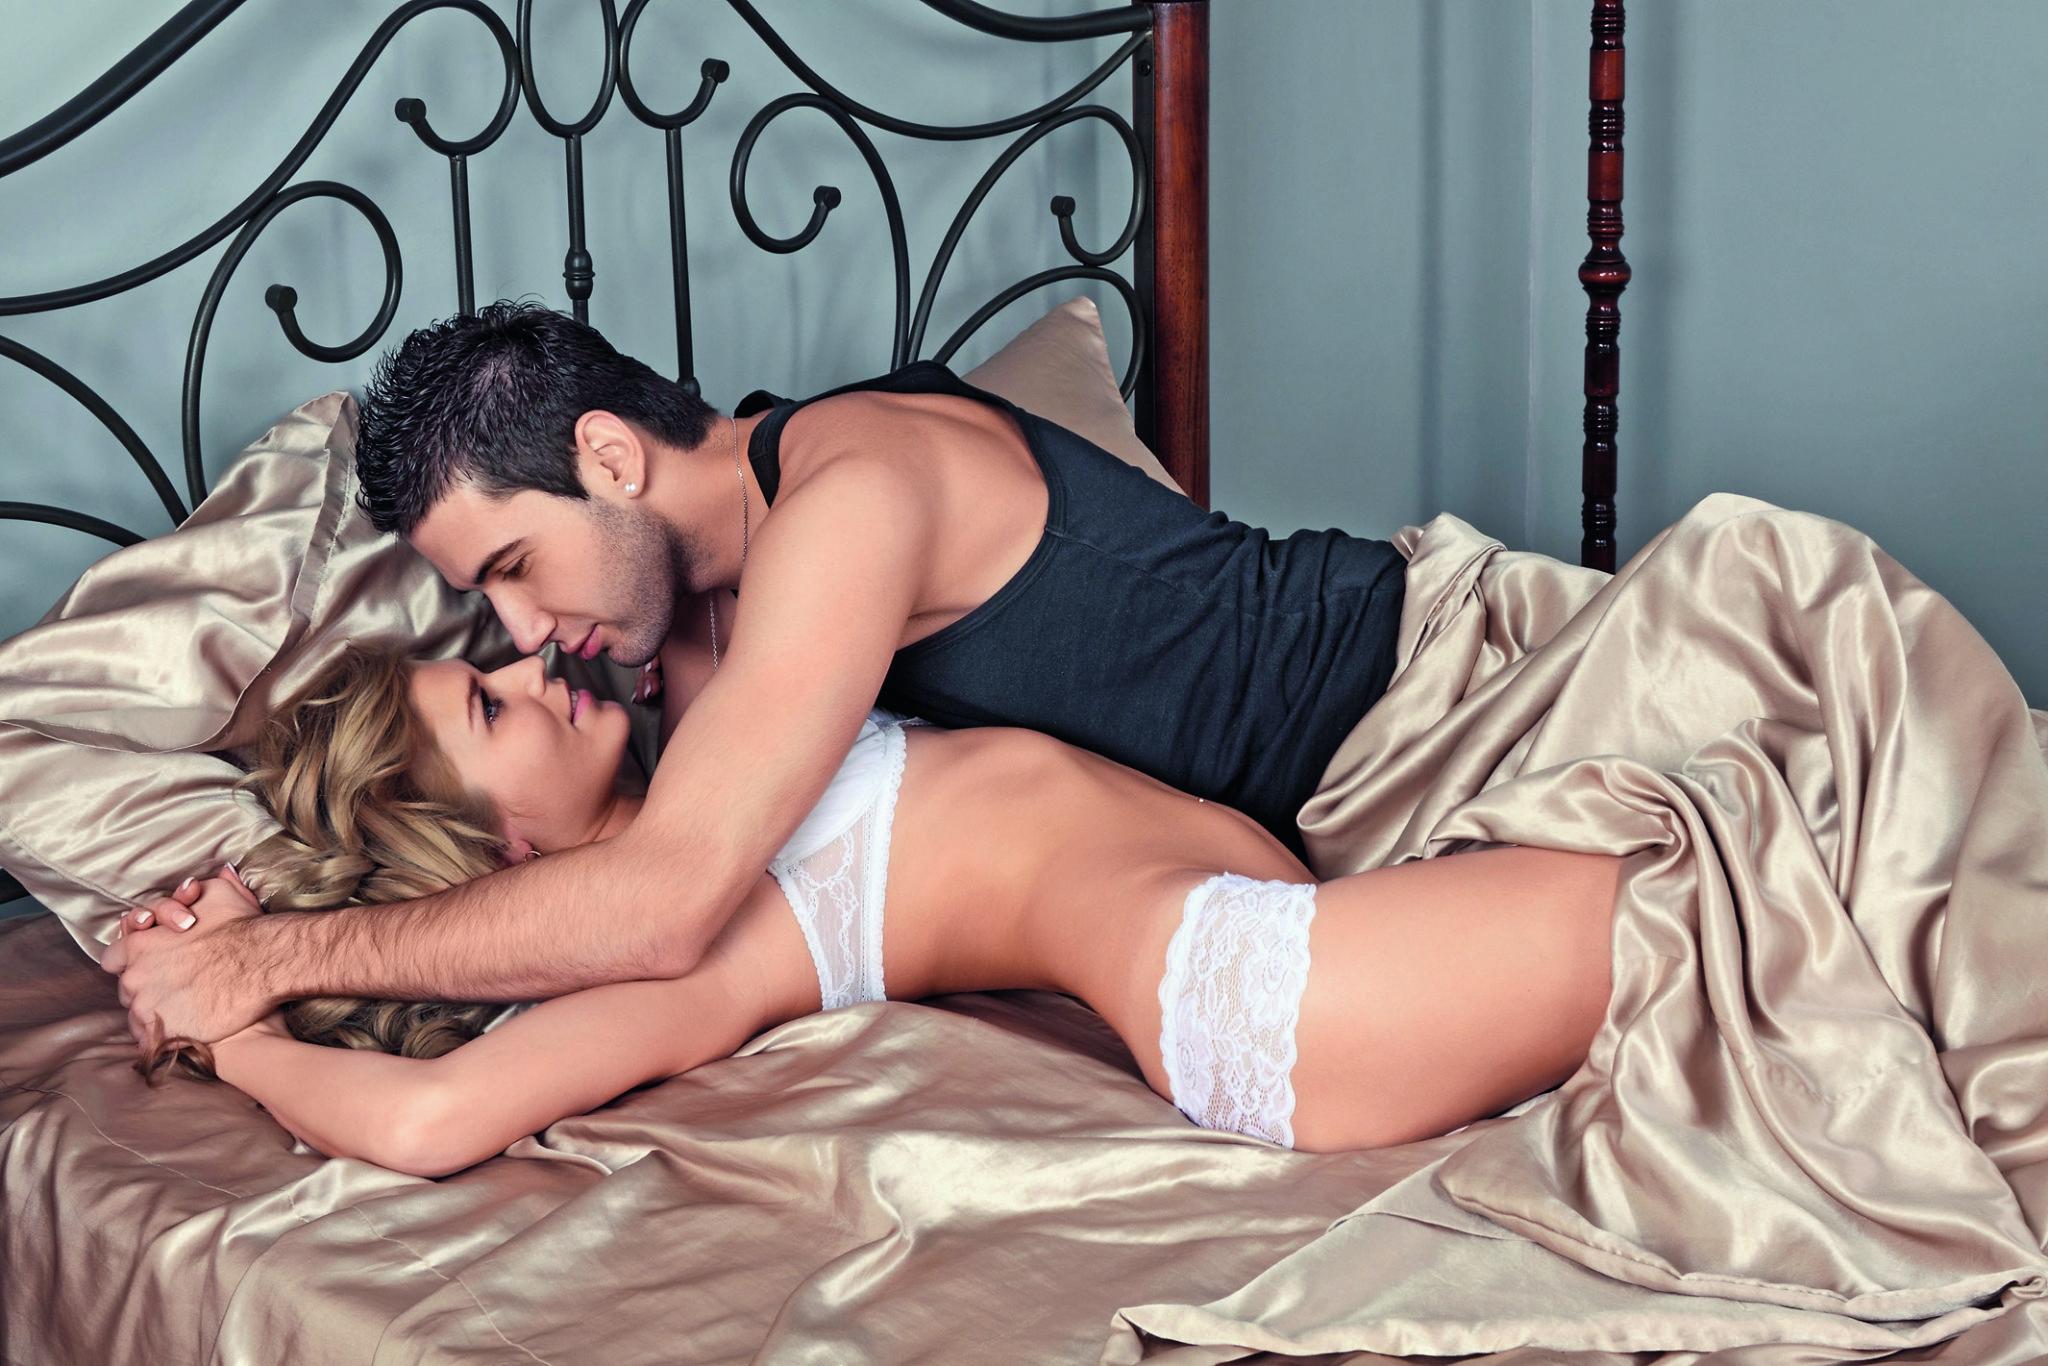 Неожиданные факты о сексе: 10 преимуществ